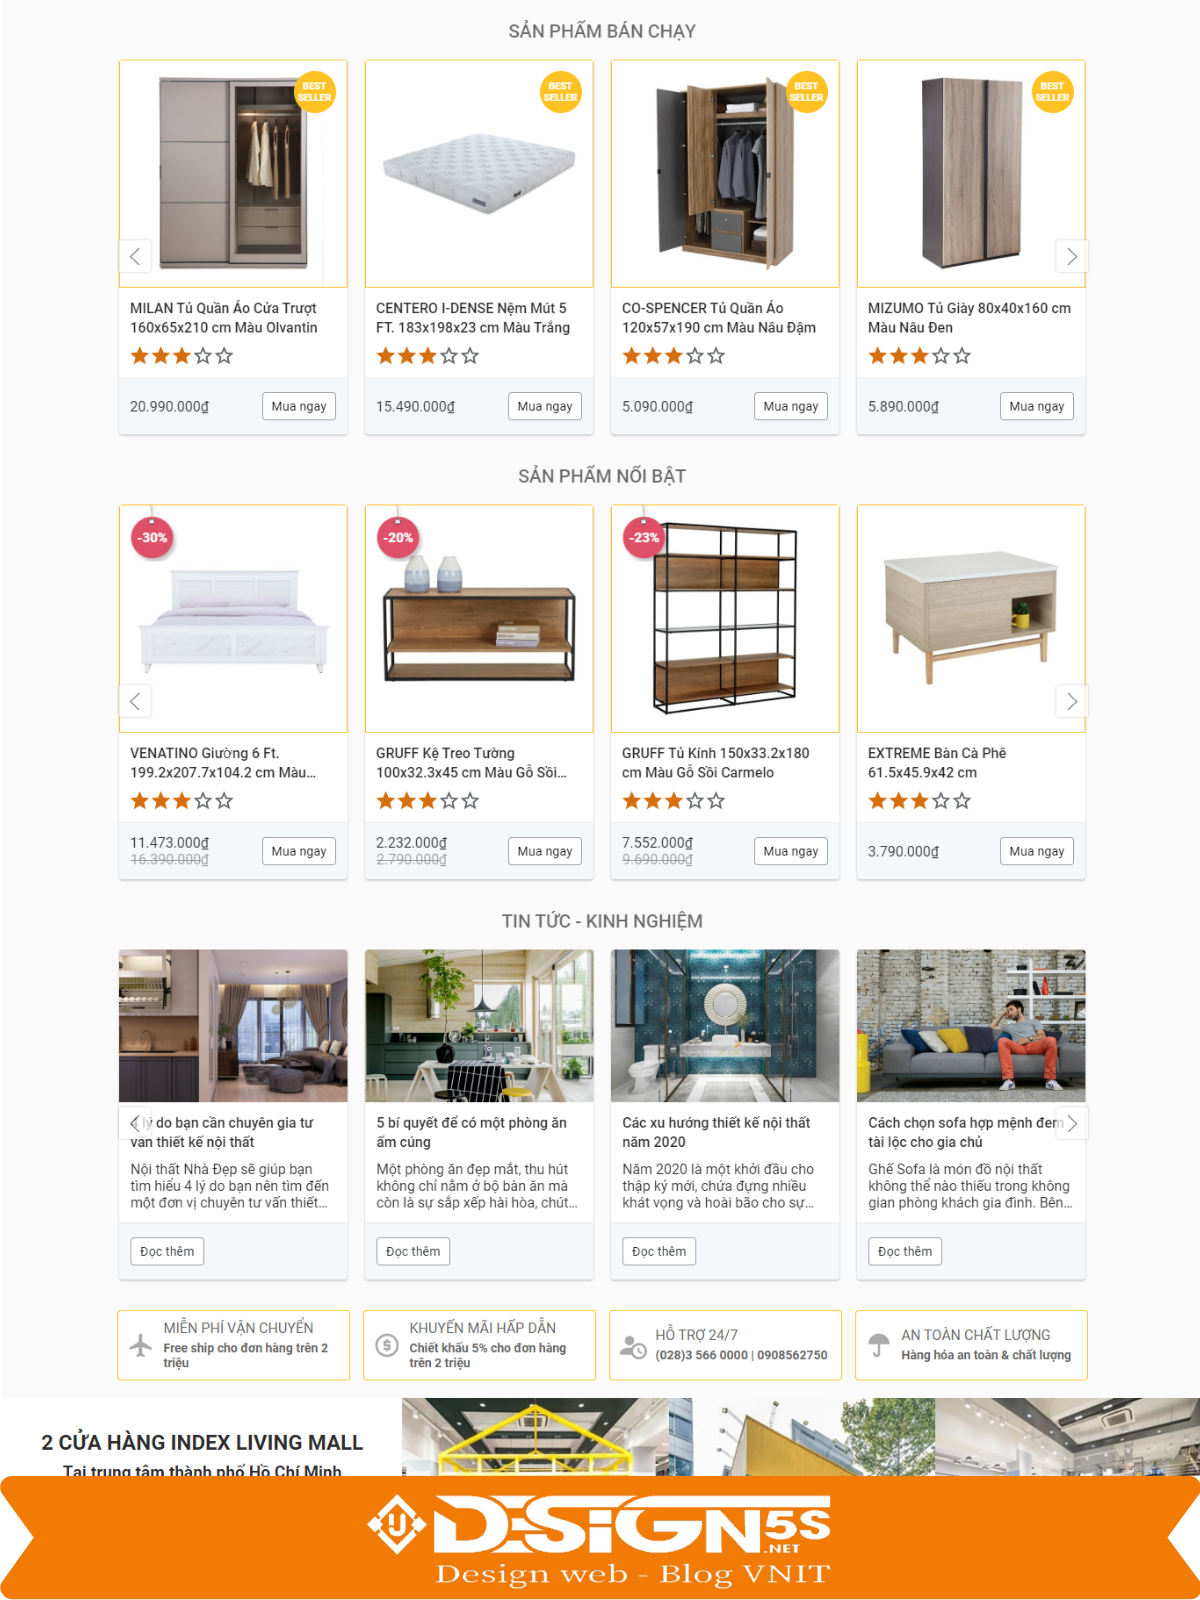 Mẫu Website bán hàng nội thất đẹp chuẩn seo - Ảnh 2